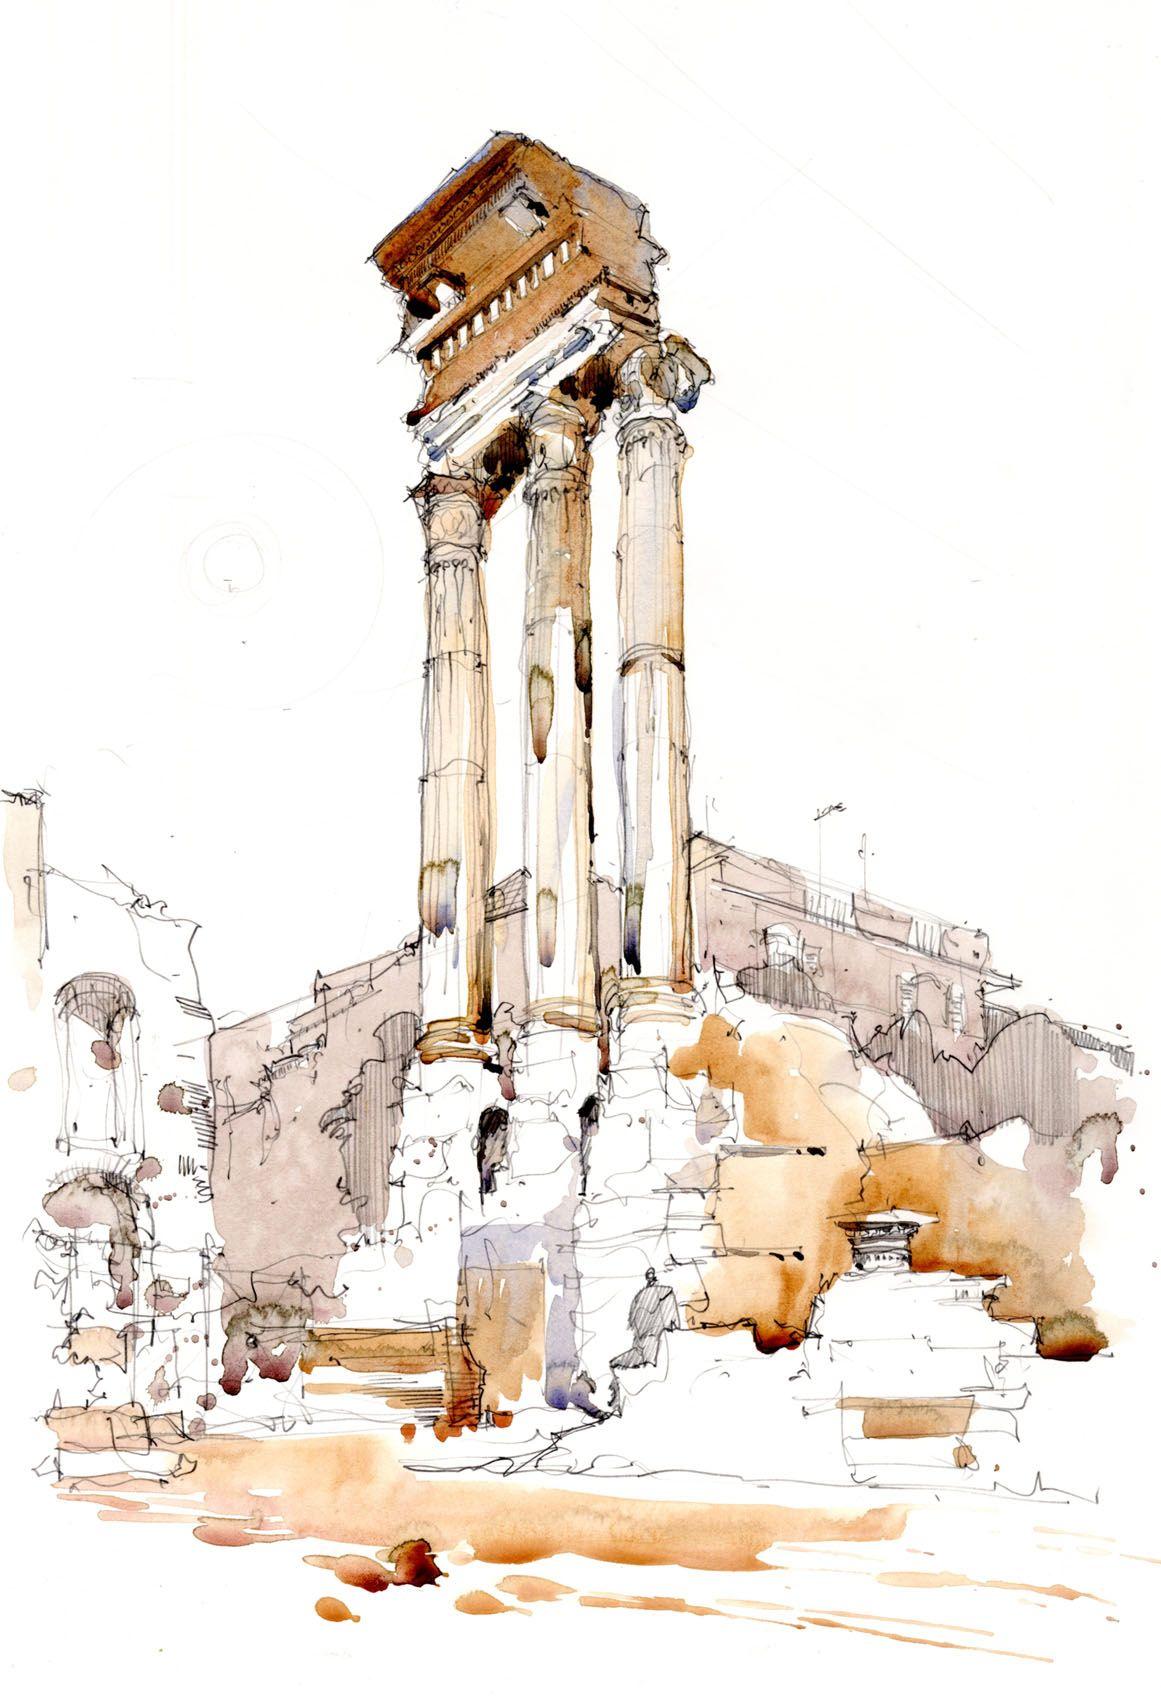 Disegno E Pittura Forum.Watercolour Sketch Of Column In The Forum Rome Italy